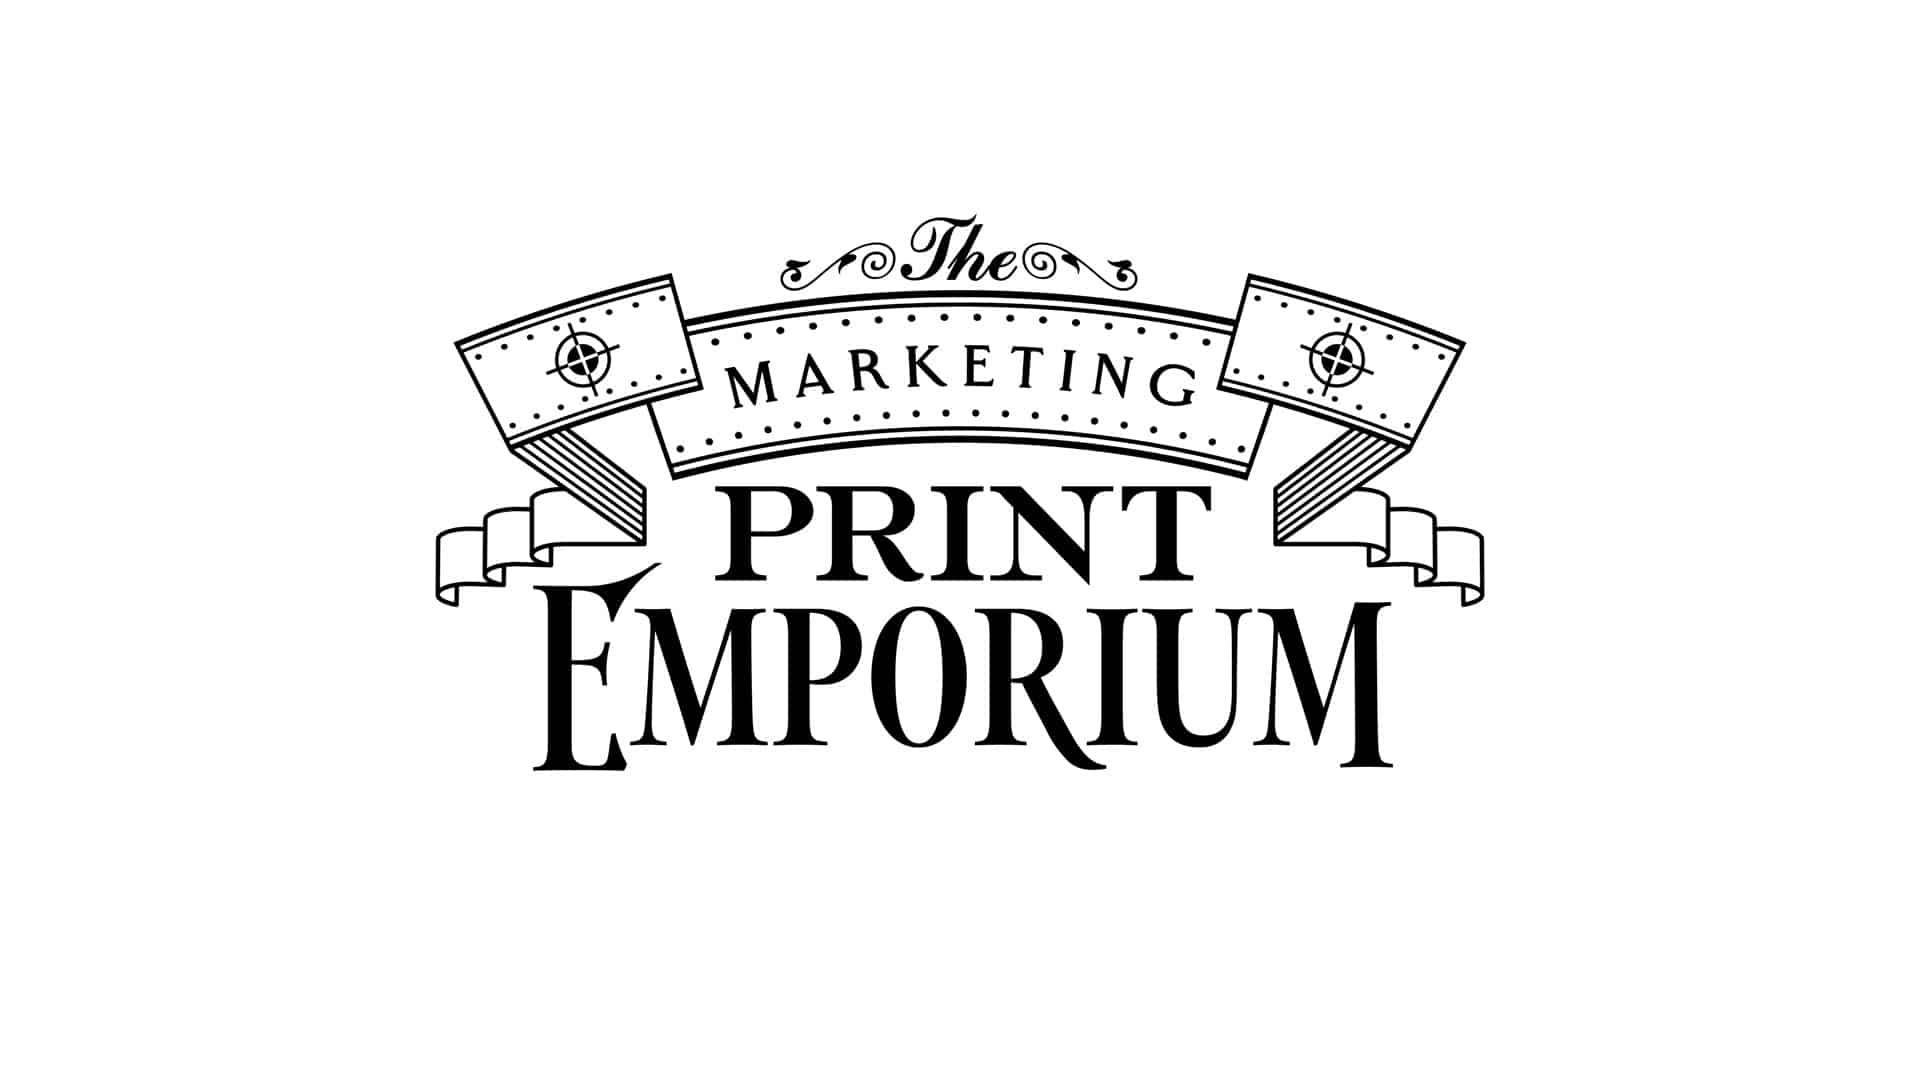 Marketing Print Emporium Image 2